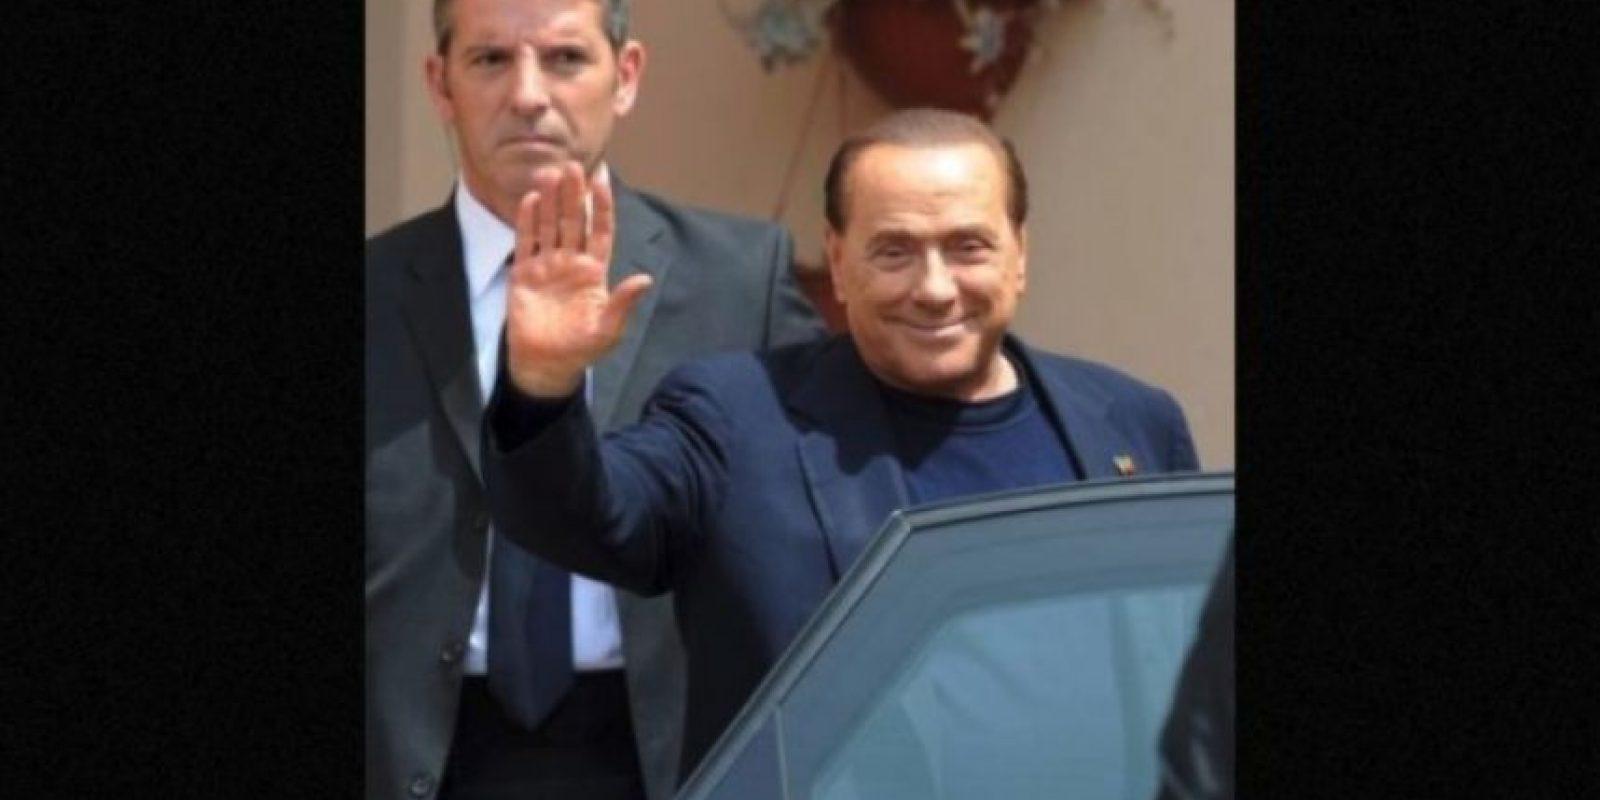 En 2009, el ahora ex presidente del Consejo de Ministros de Italia, se vio envuelto en la polémica cuando medios internacionales publicaron fotos de su fiesta de cumpleaños en la que aparece junto a una joven de 18 años Foto: Getty Images